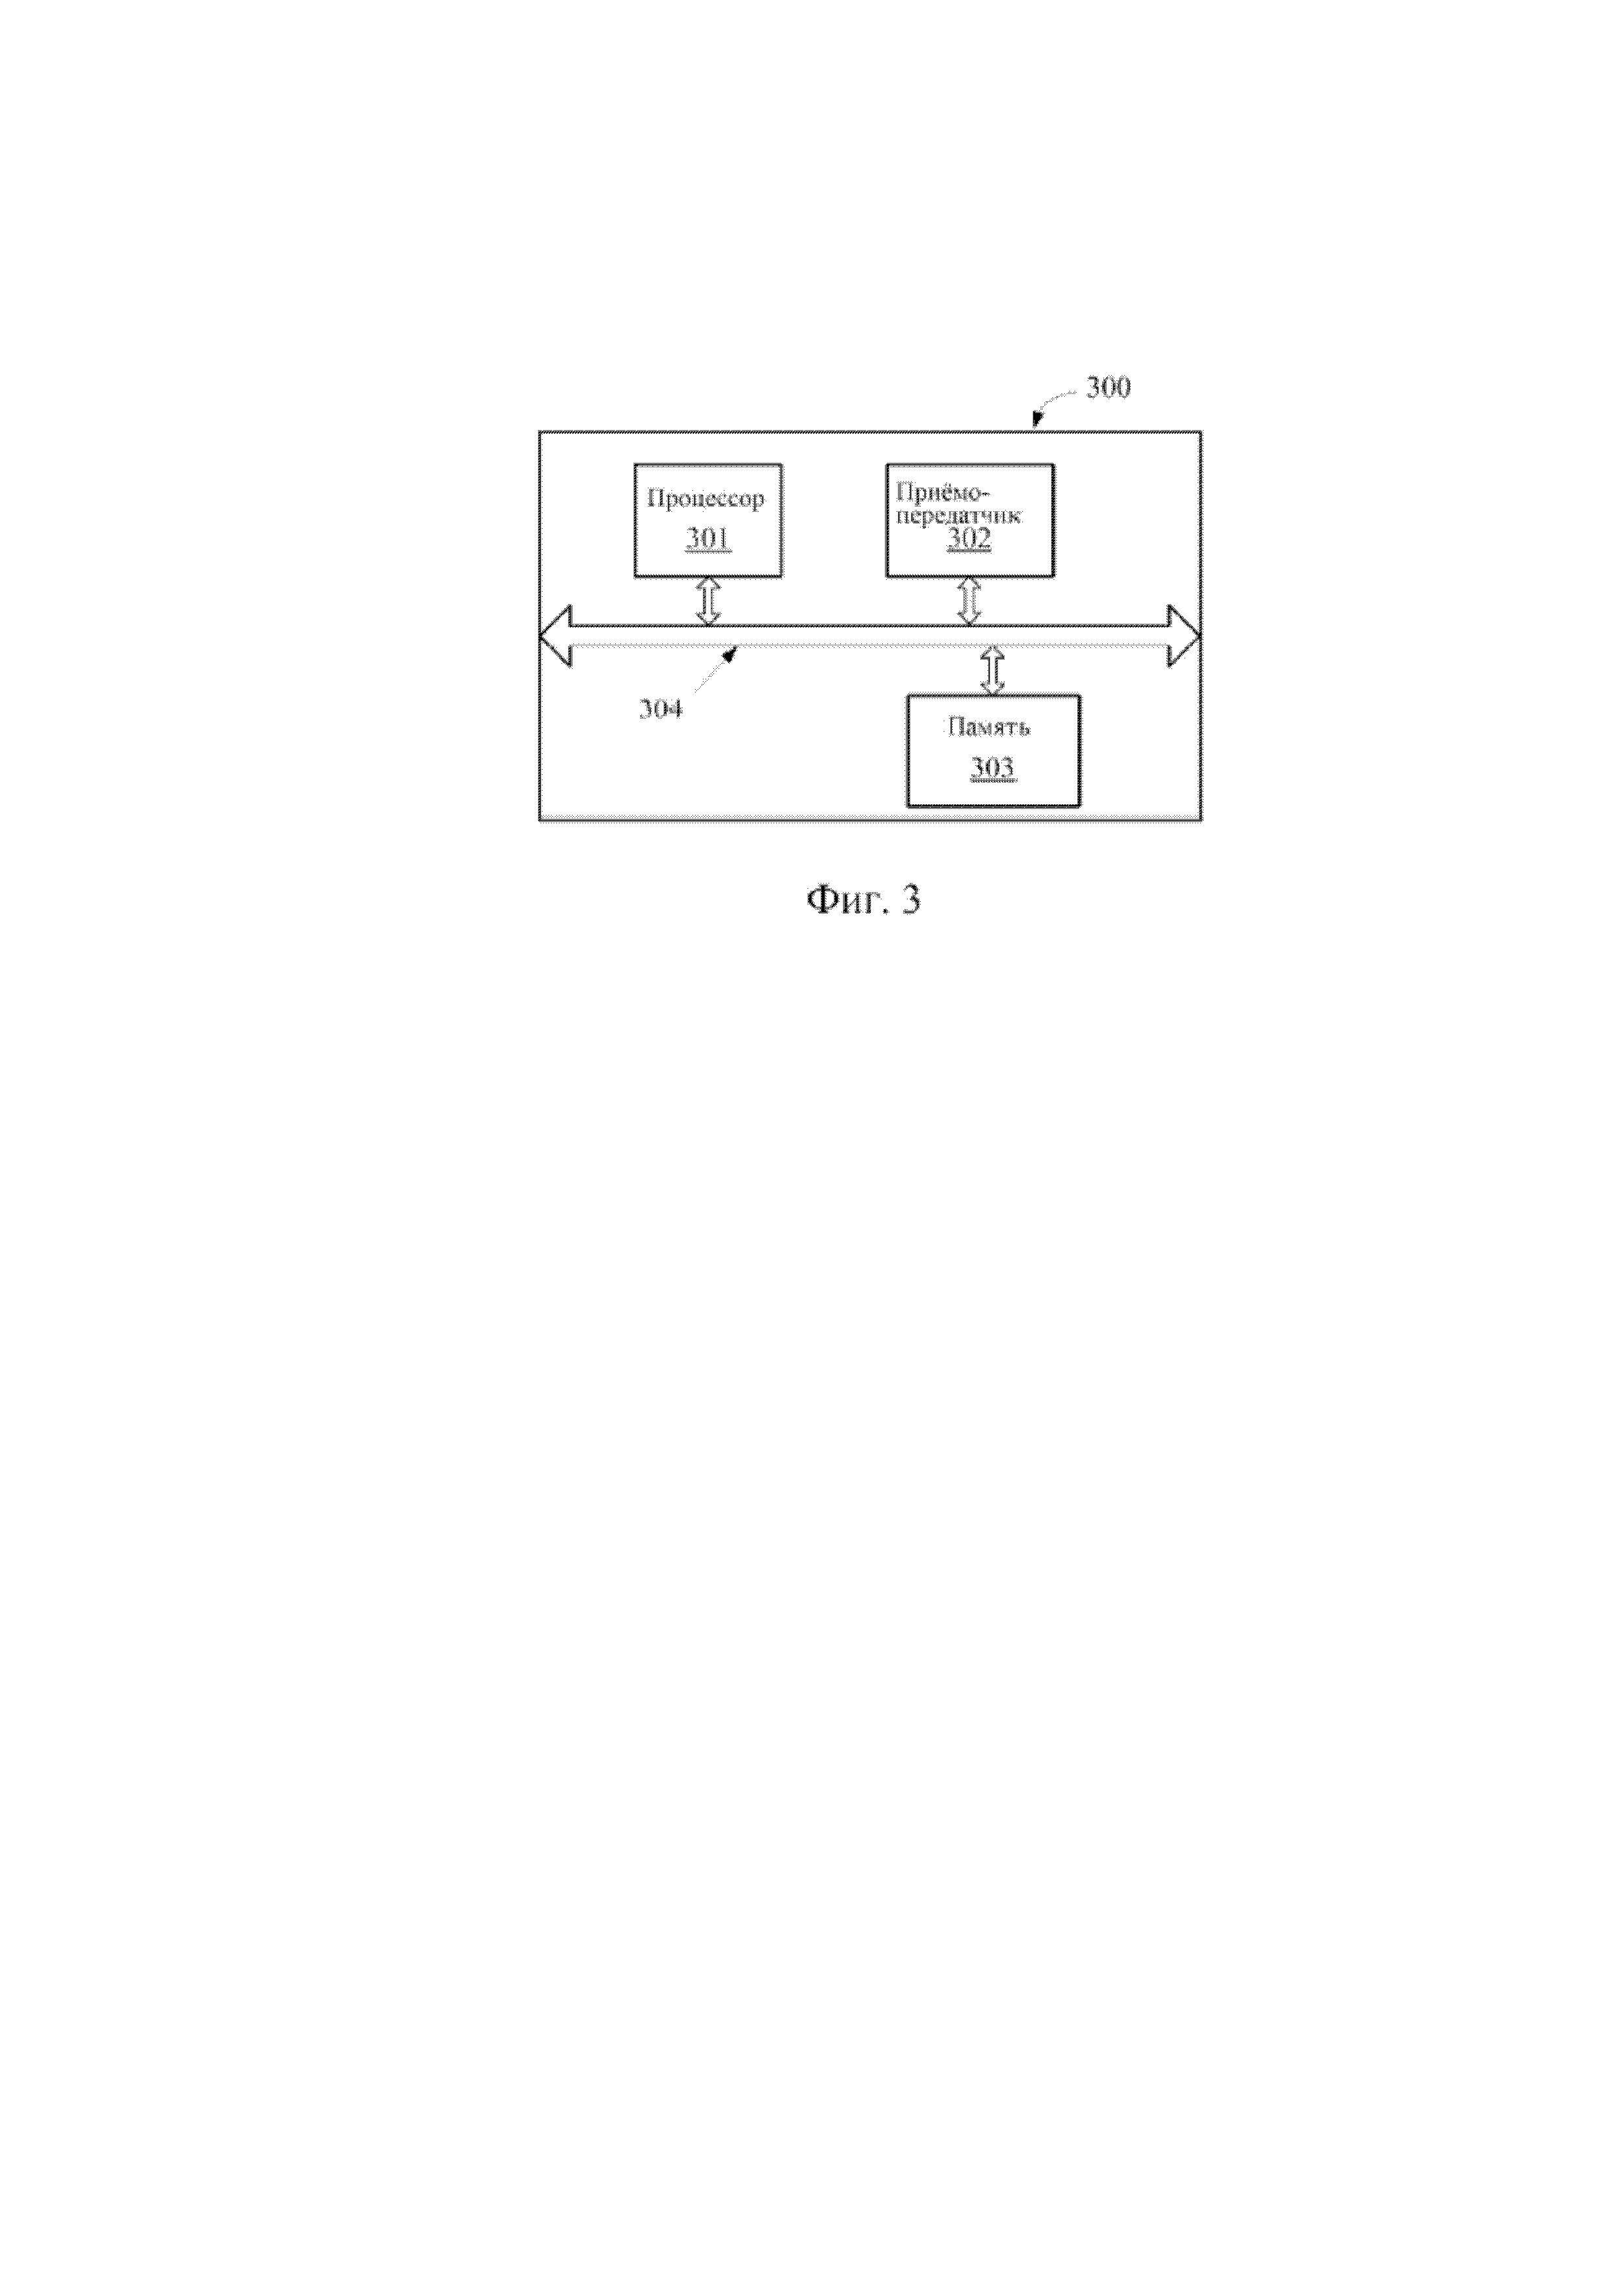 Способ передачи данных услуги и передающее устройство